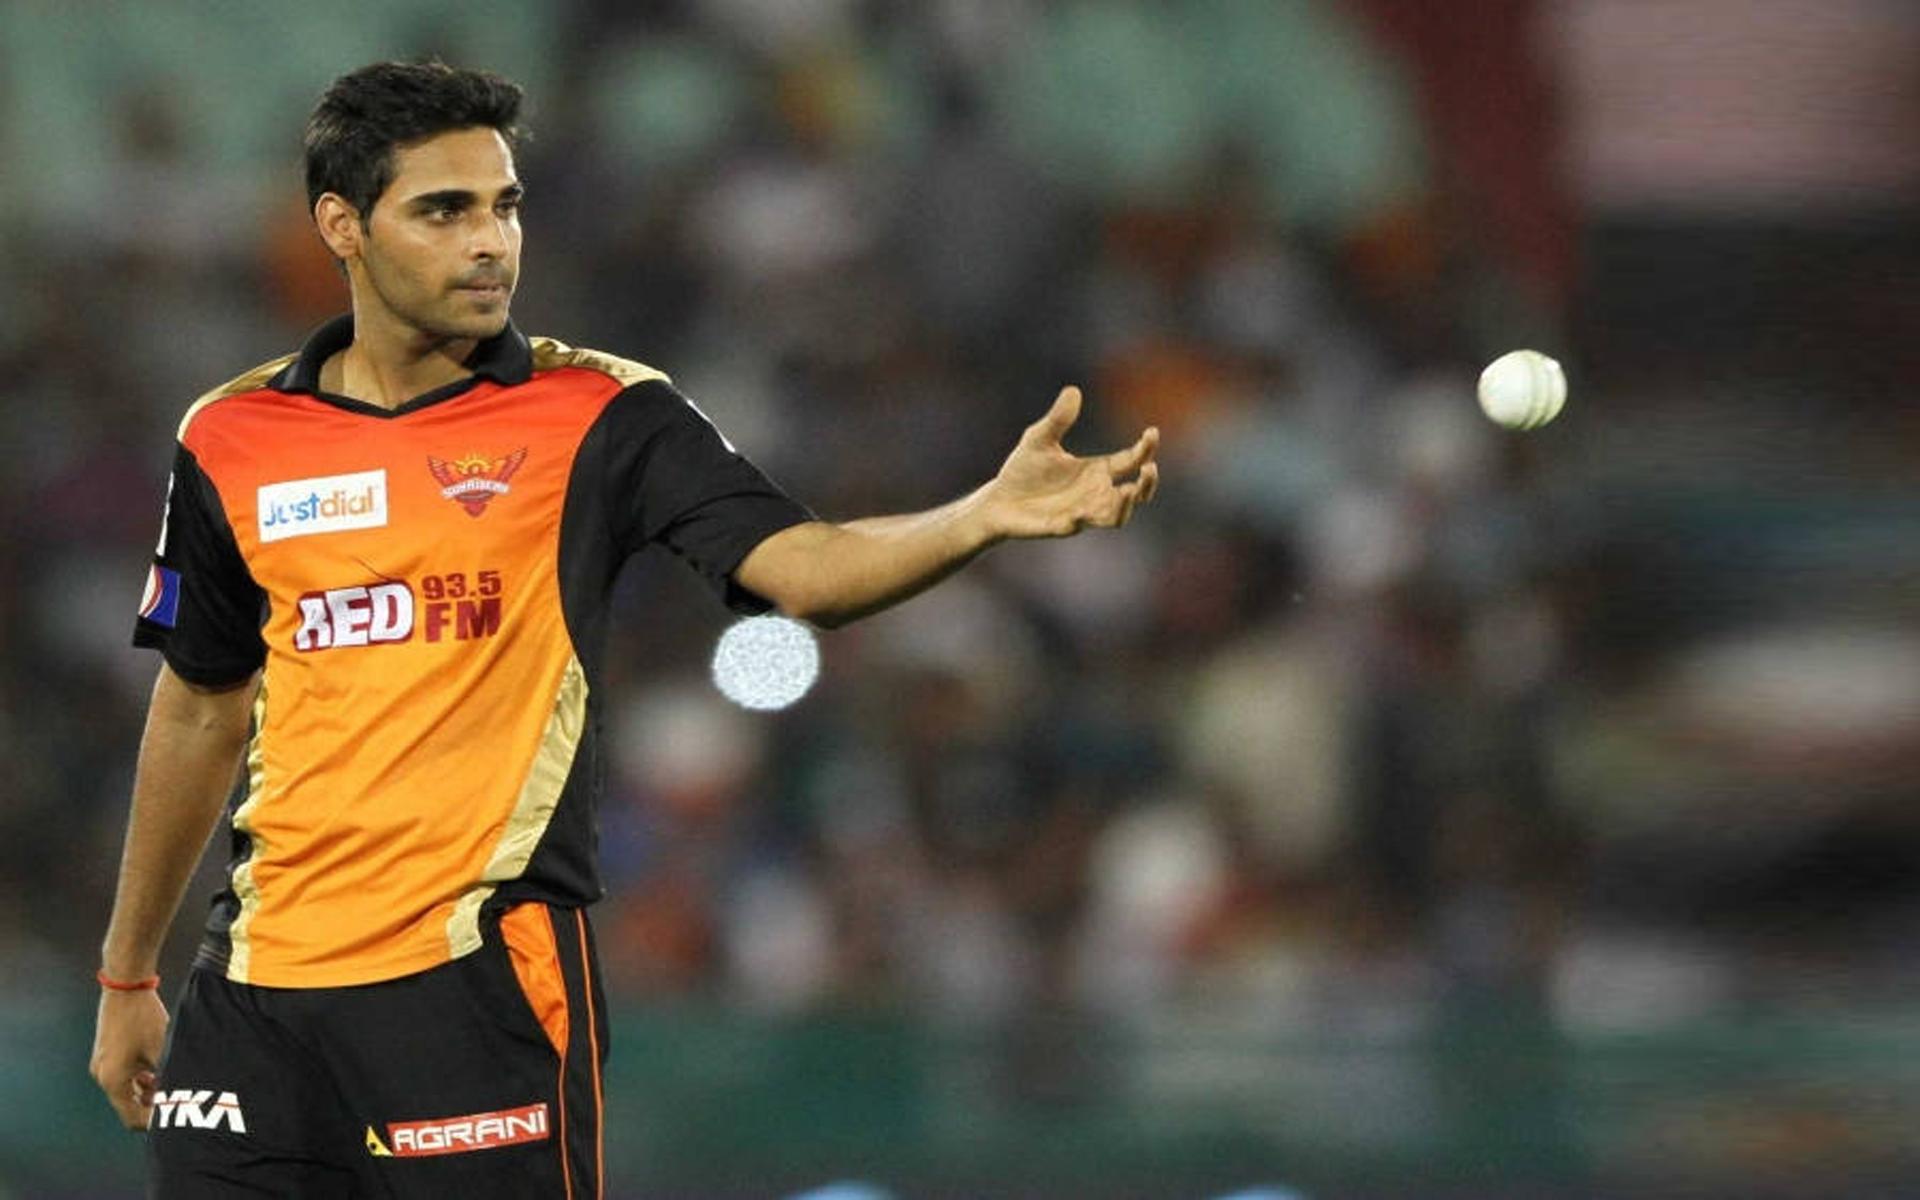 IPL 2018: अजिंक्य रहाणे और भुवी को लेकर विवादित बयान देकर फंसे शेन वार्न, लगी फटकार 1